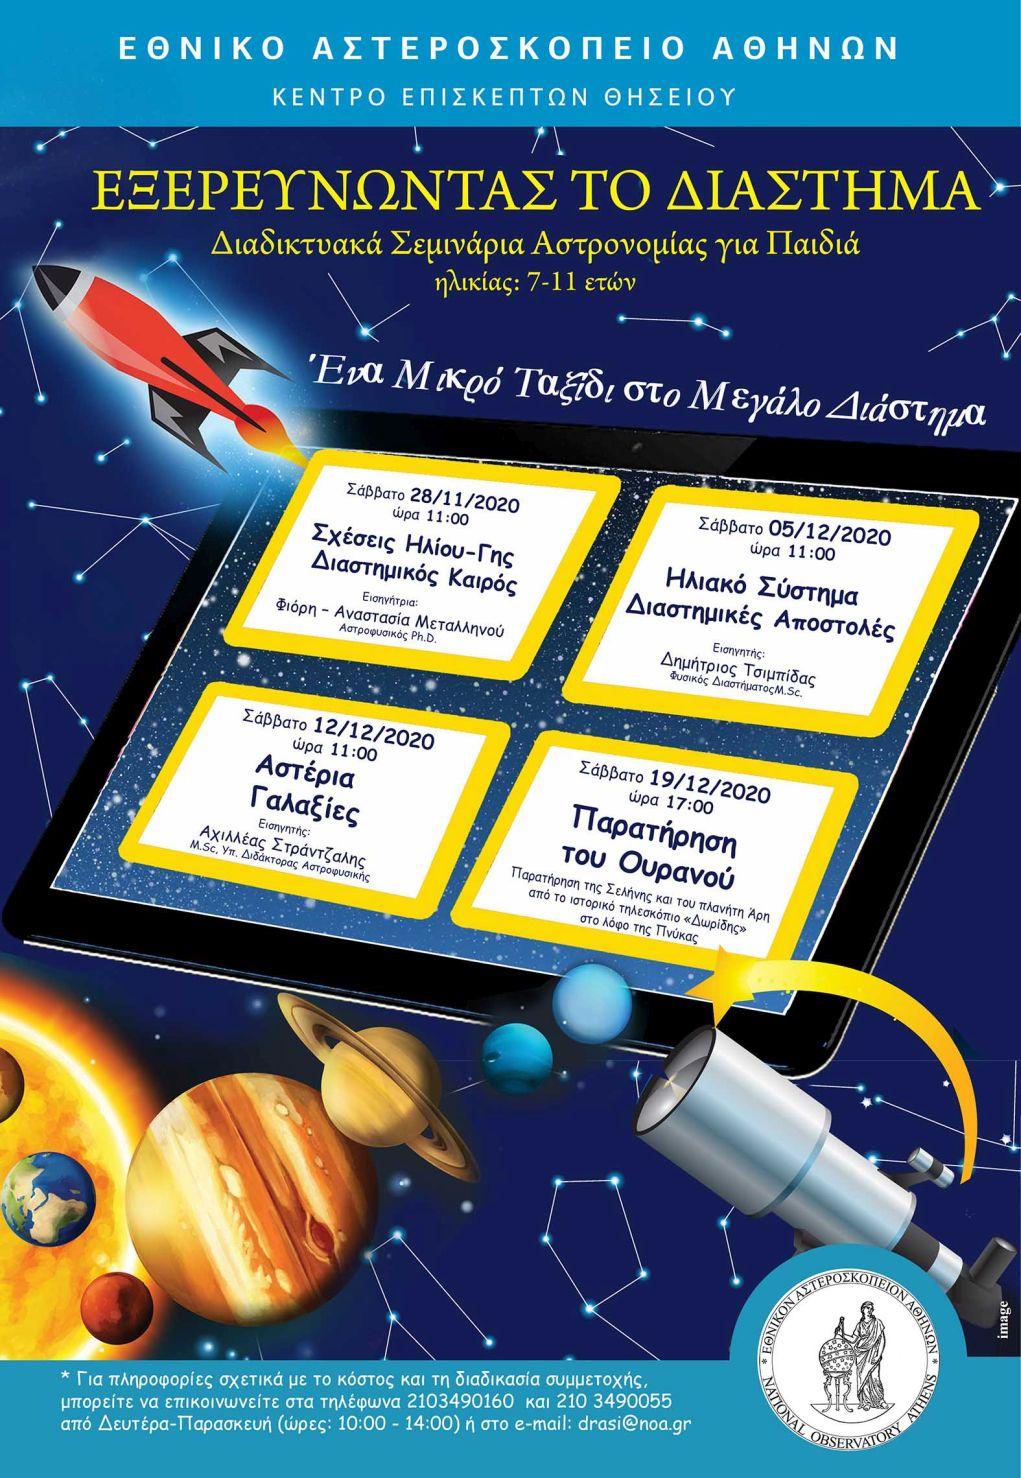 σεμινάριο αστρονομίας για παιδιά